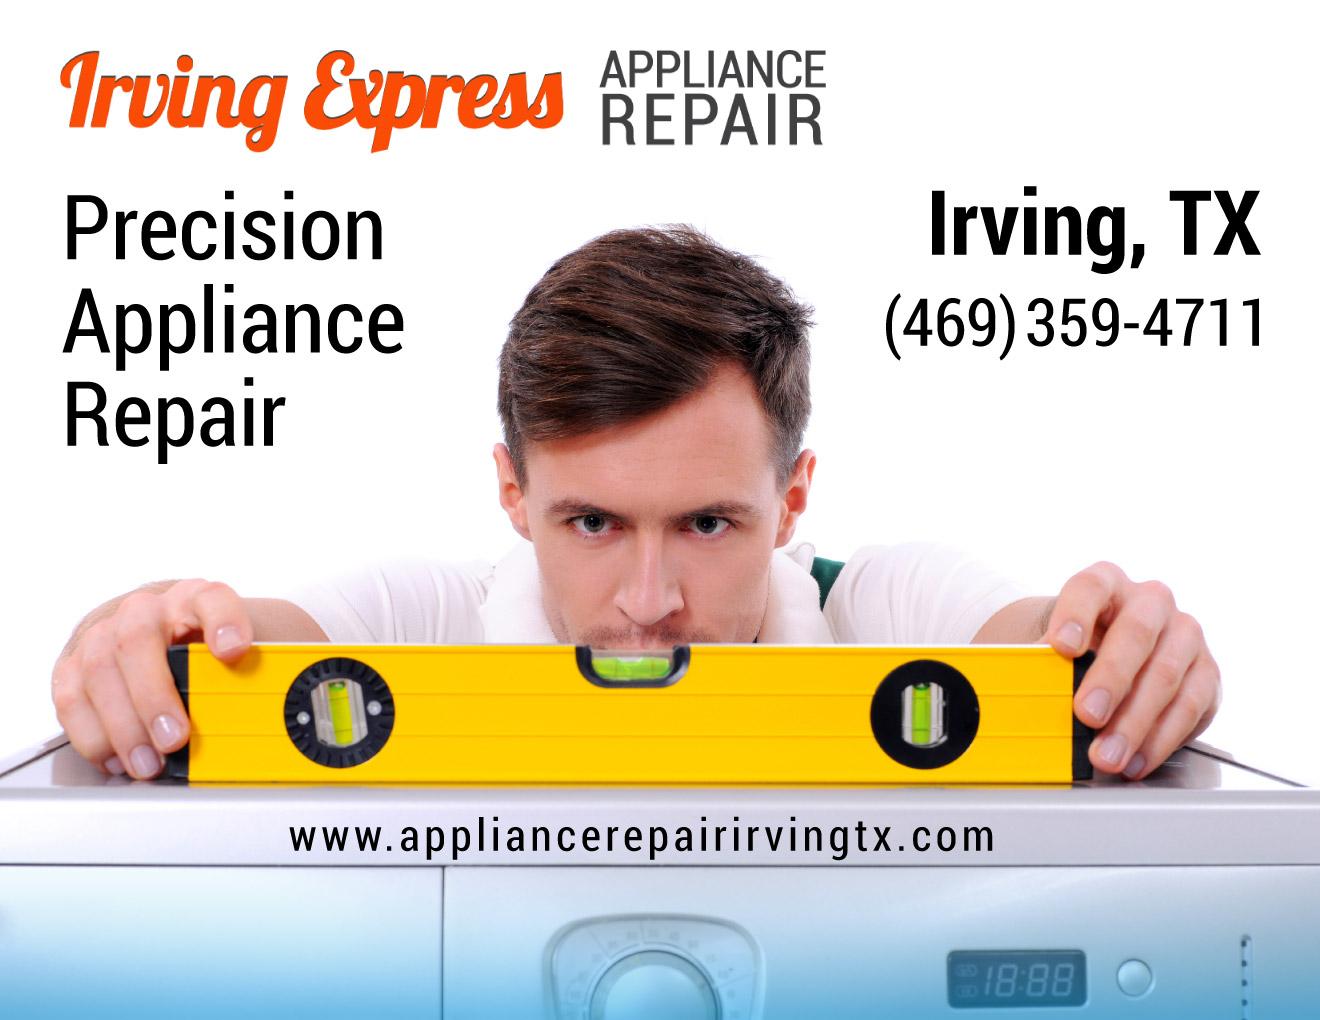 Irving Express Appliance Repair 469 359 4711